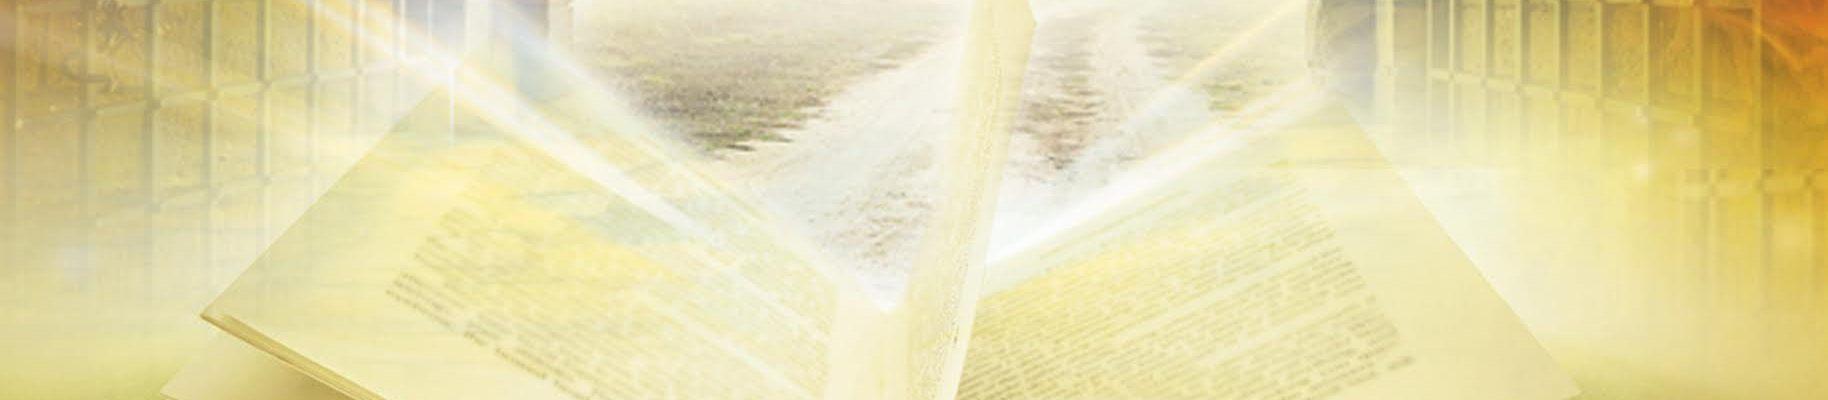 דקה אחת של לימוד זוהר הקדוש- ישחרר את העולם מסטרא אחרא